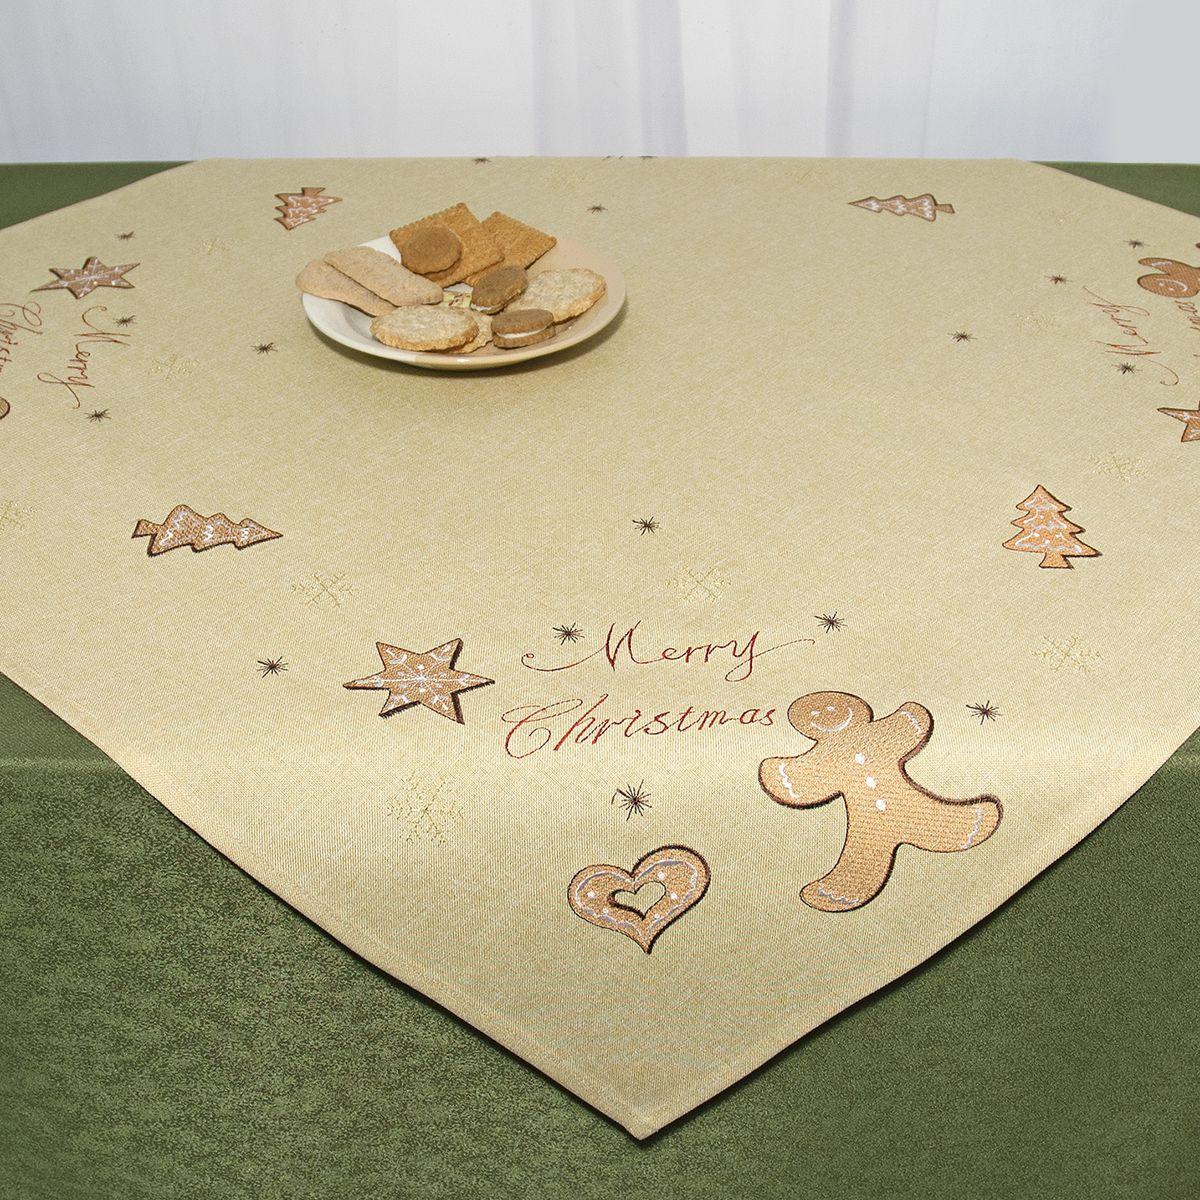 Скатерть Schaefer, квадратная, цвет: бежевый, 85 x 85 см 07674-10007674-100Квадратная скатерть Schaefer, выполненная из полиэстера, станет украшением новогоднего стола. Изделие декорировано оригинальной вышивкой в виде пряников, снежинок и надписи: Merry Christmas. За текстилем из полиэстера очень легко ухаживать: он легко стирается, не мнется, не садится и быстро сохнет, более долговечен, чем текстиль из натуральных волокон. Использование такой скатерти сделает застолье торжественным, поднимет настроение гостей и приятно удивит их вашим изысканным вкусом. Это текстильное изделие станет изысканным украшением вашего дома!